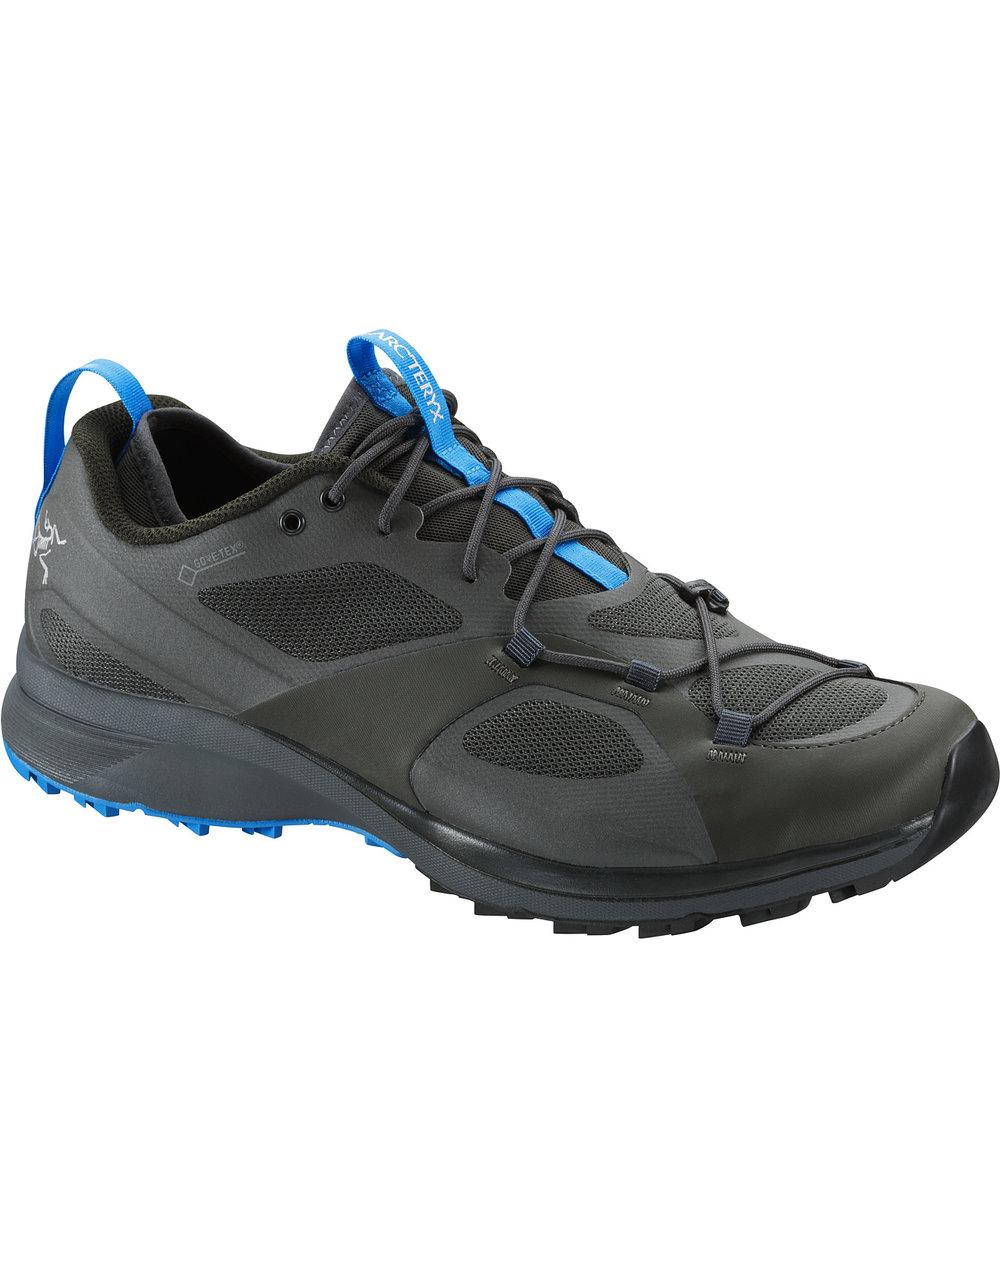 Norvan-VT-GTX-Shoe-Titan-Aquamarine.jpg